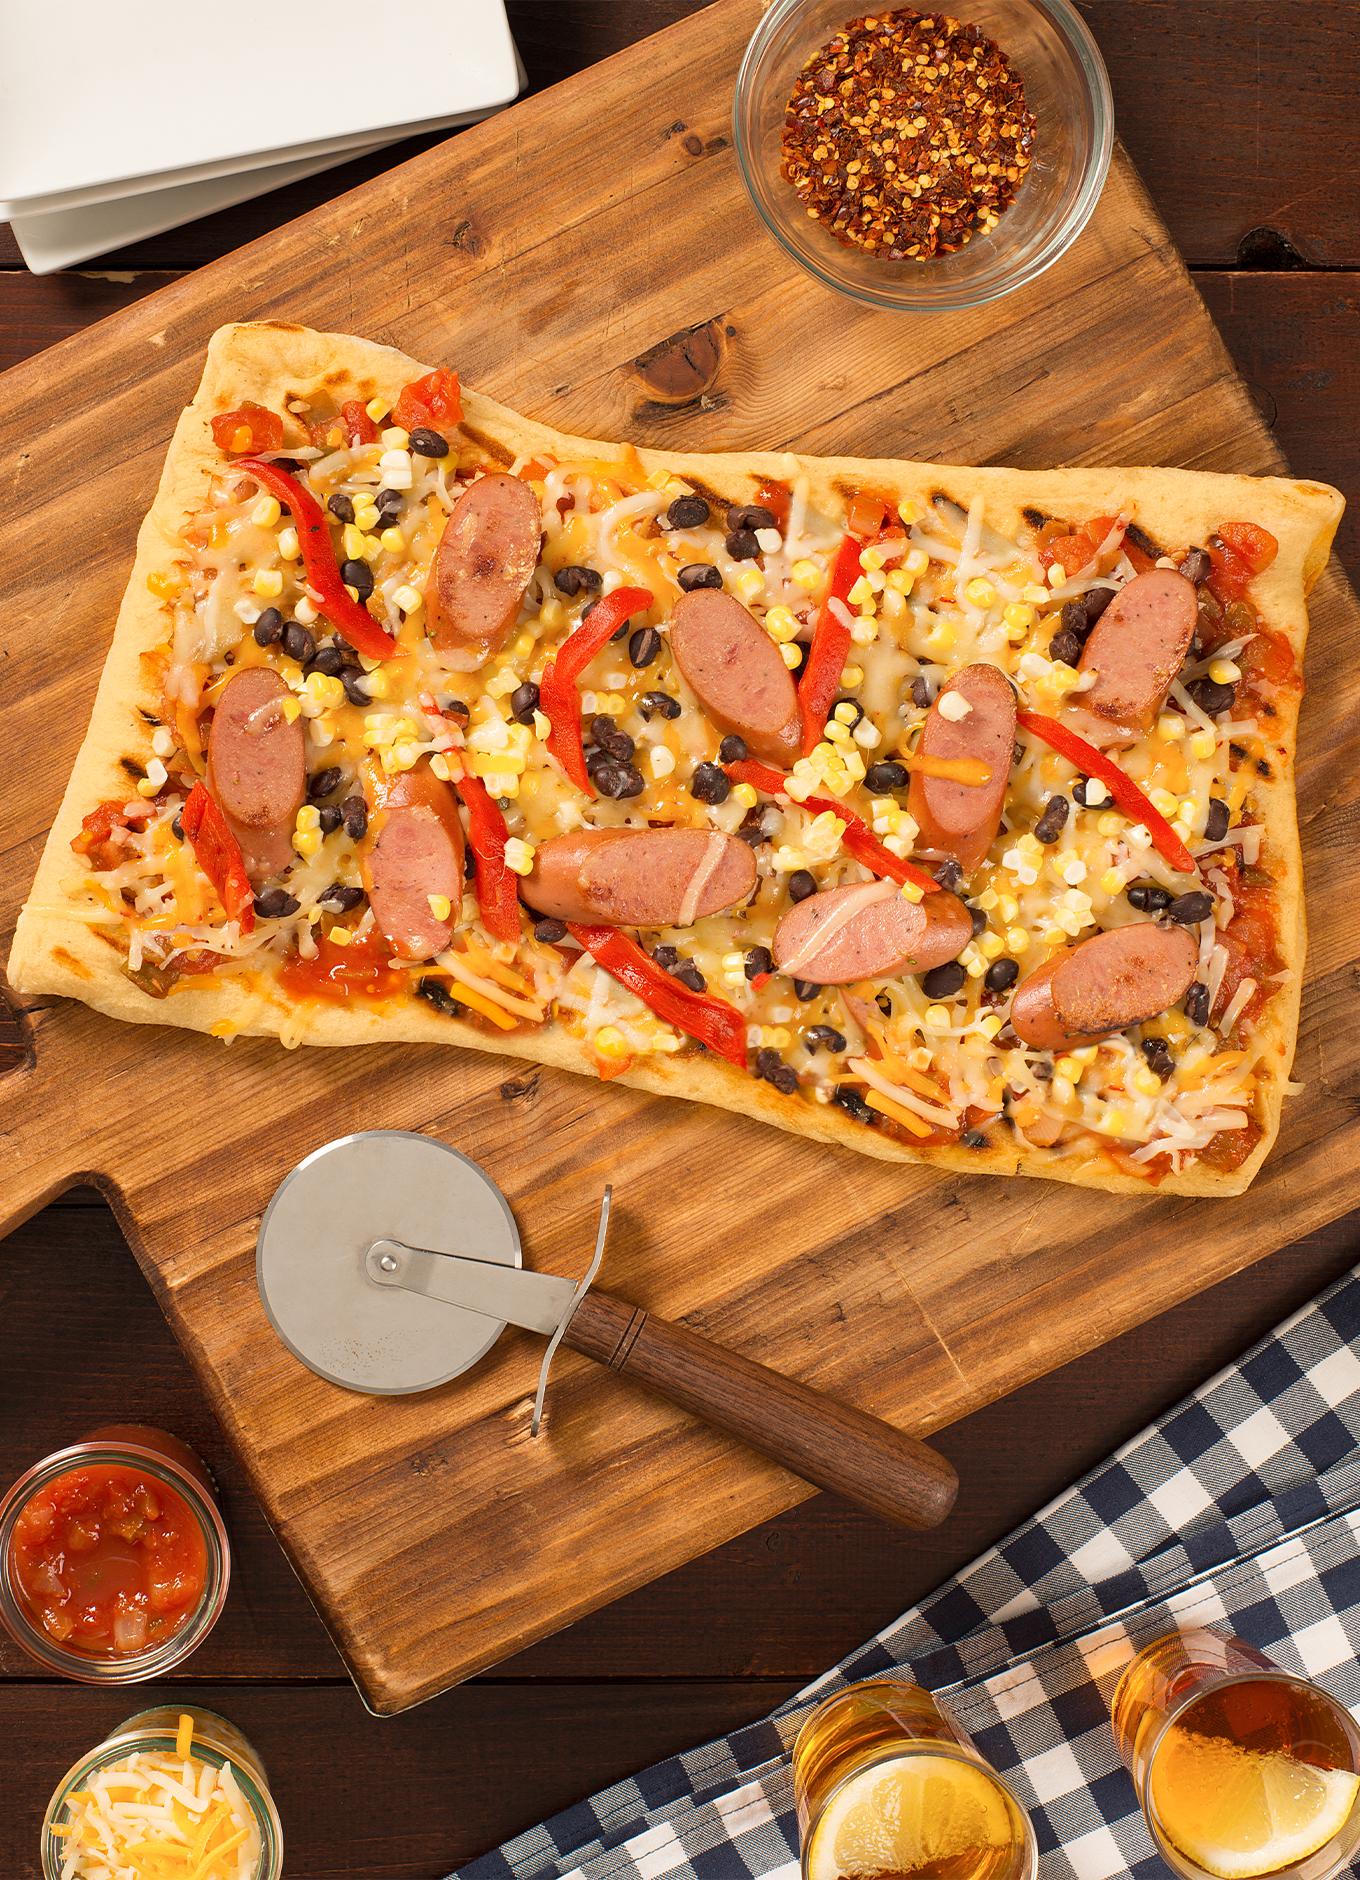 Une pizza maison garnie de saucisses au poulet halal, de maïs, de poivrons et de fromage sur un plateau de service.